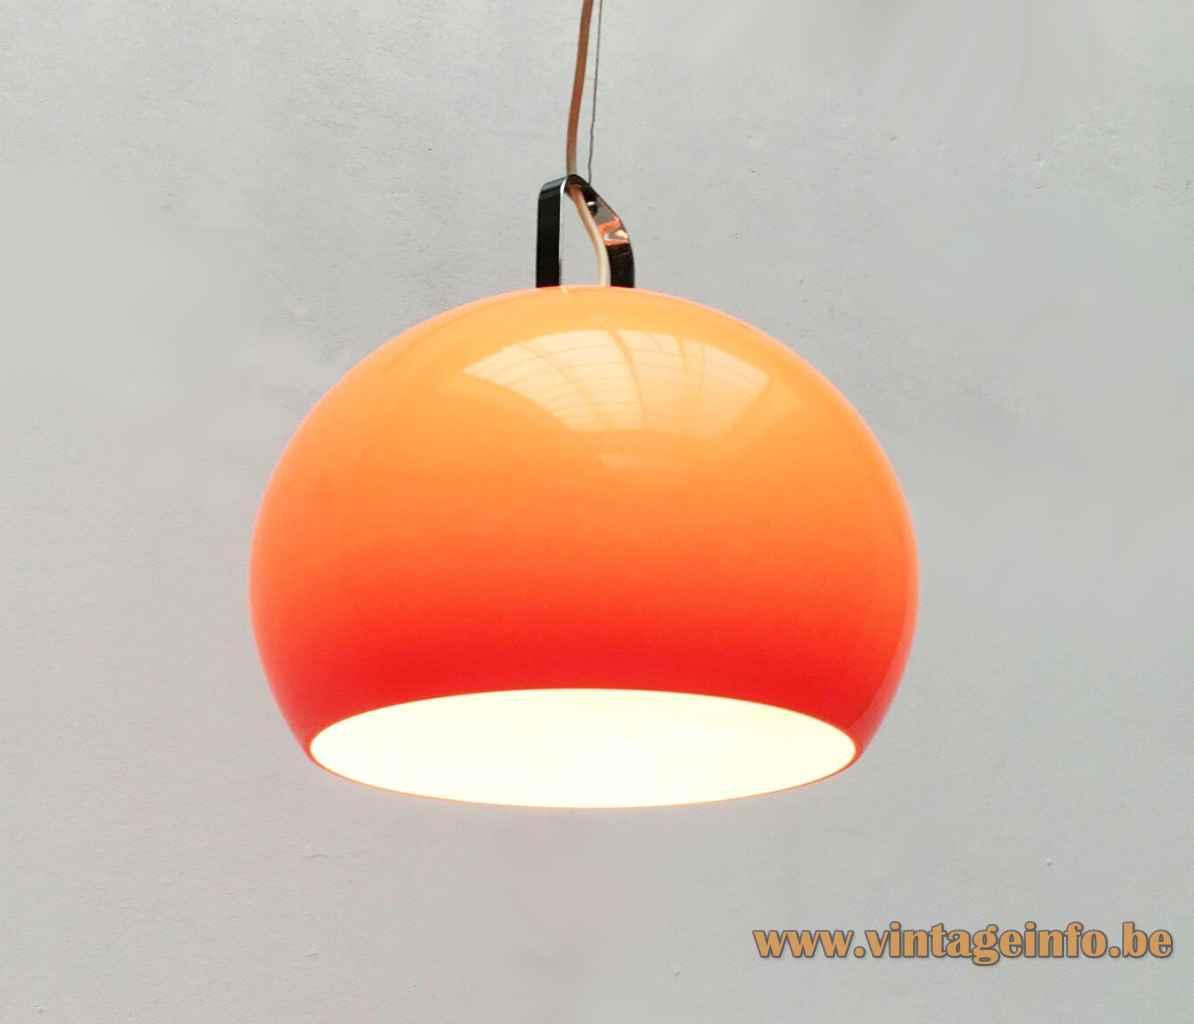 Harvey Guzzini Zurigo pendant lamp orange acrylic globe lampshade chrome handle 1960s 1970s iGuzzini Italy